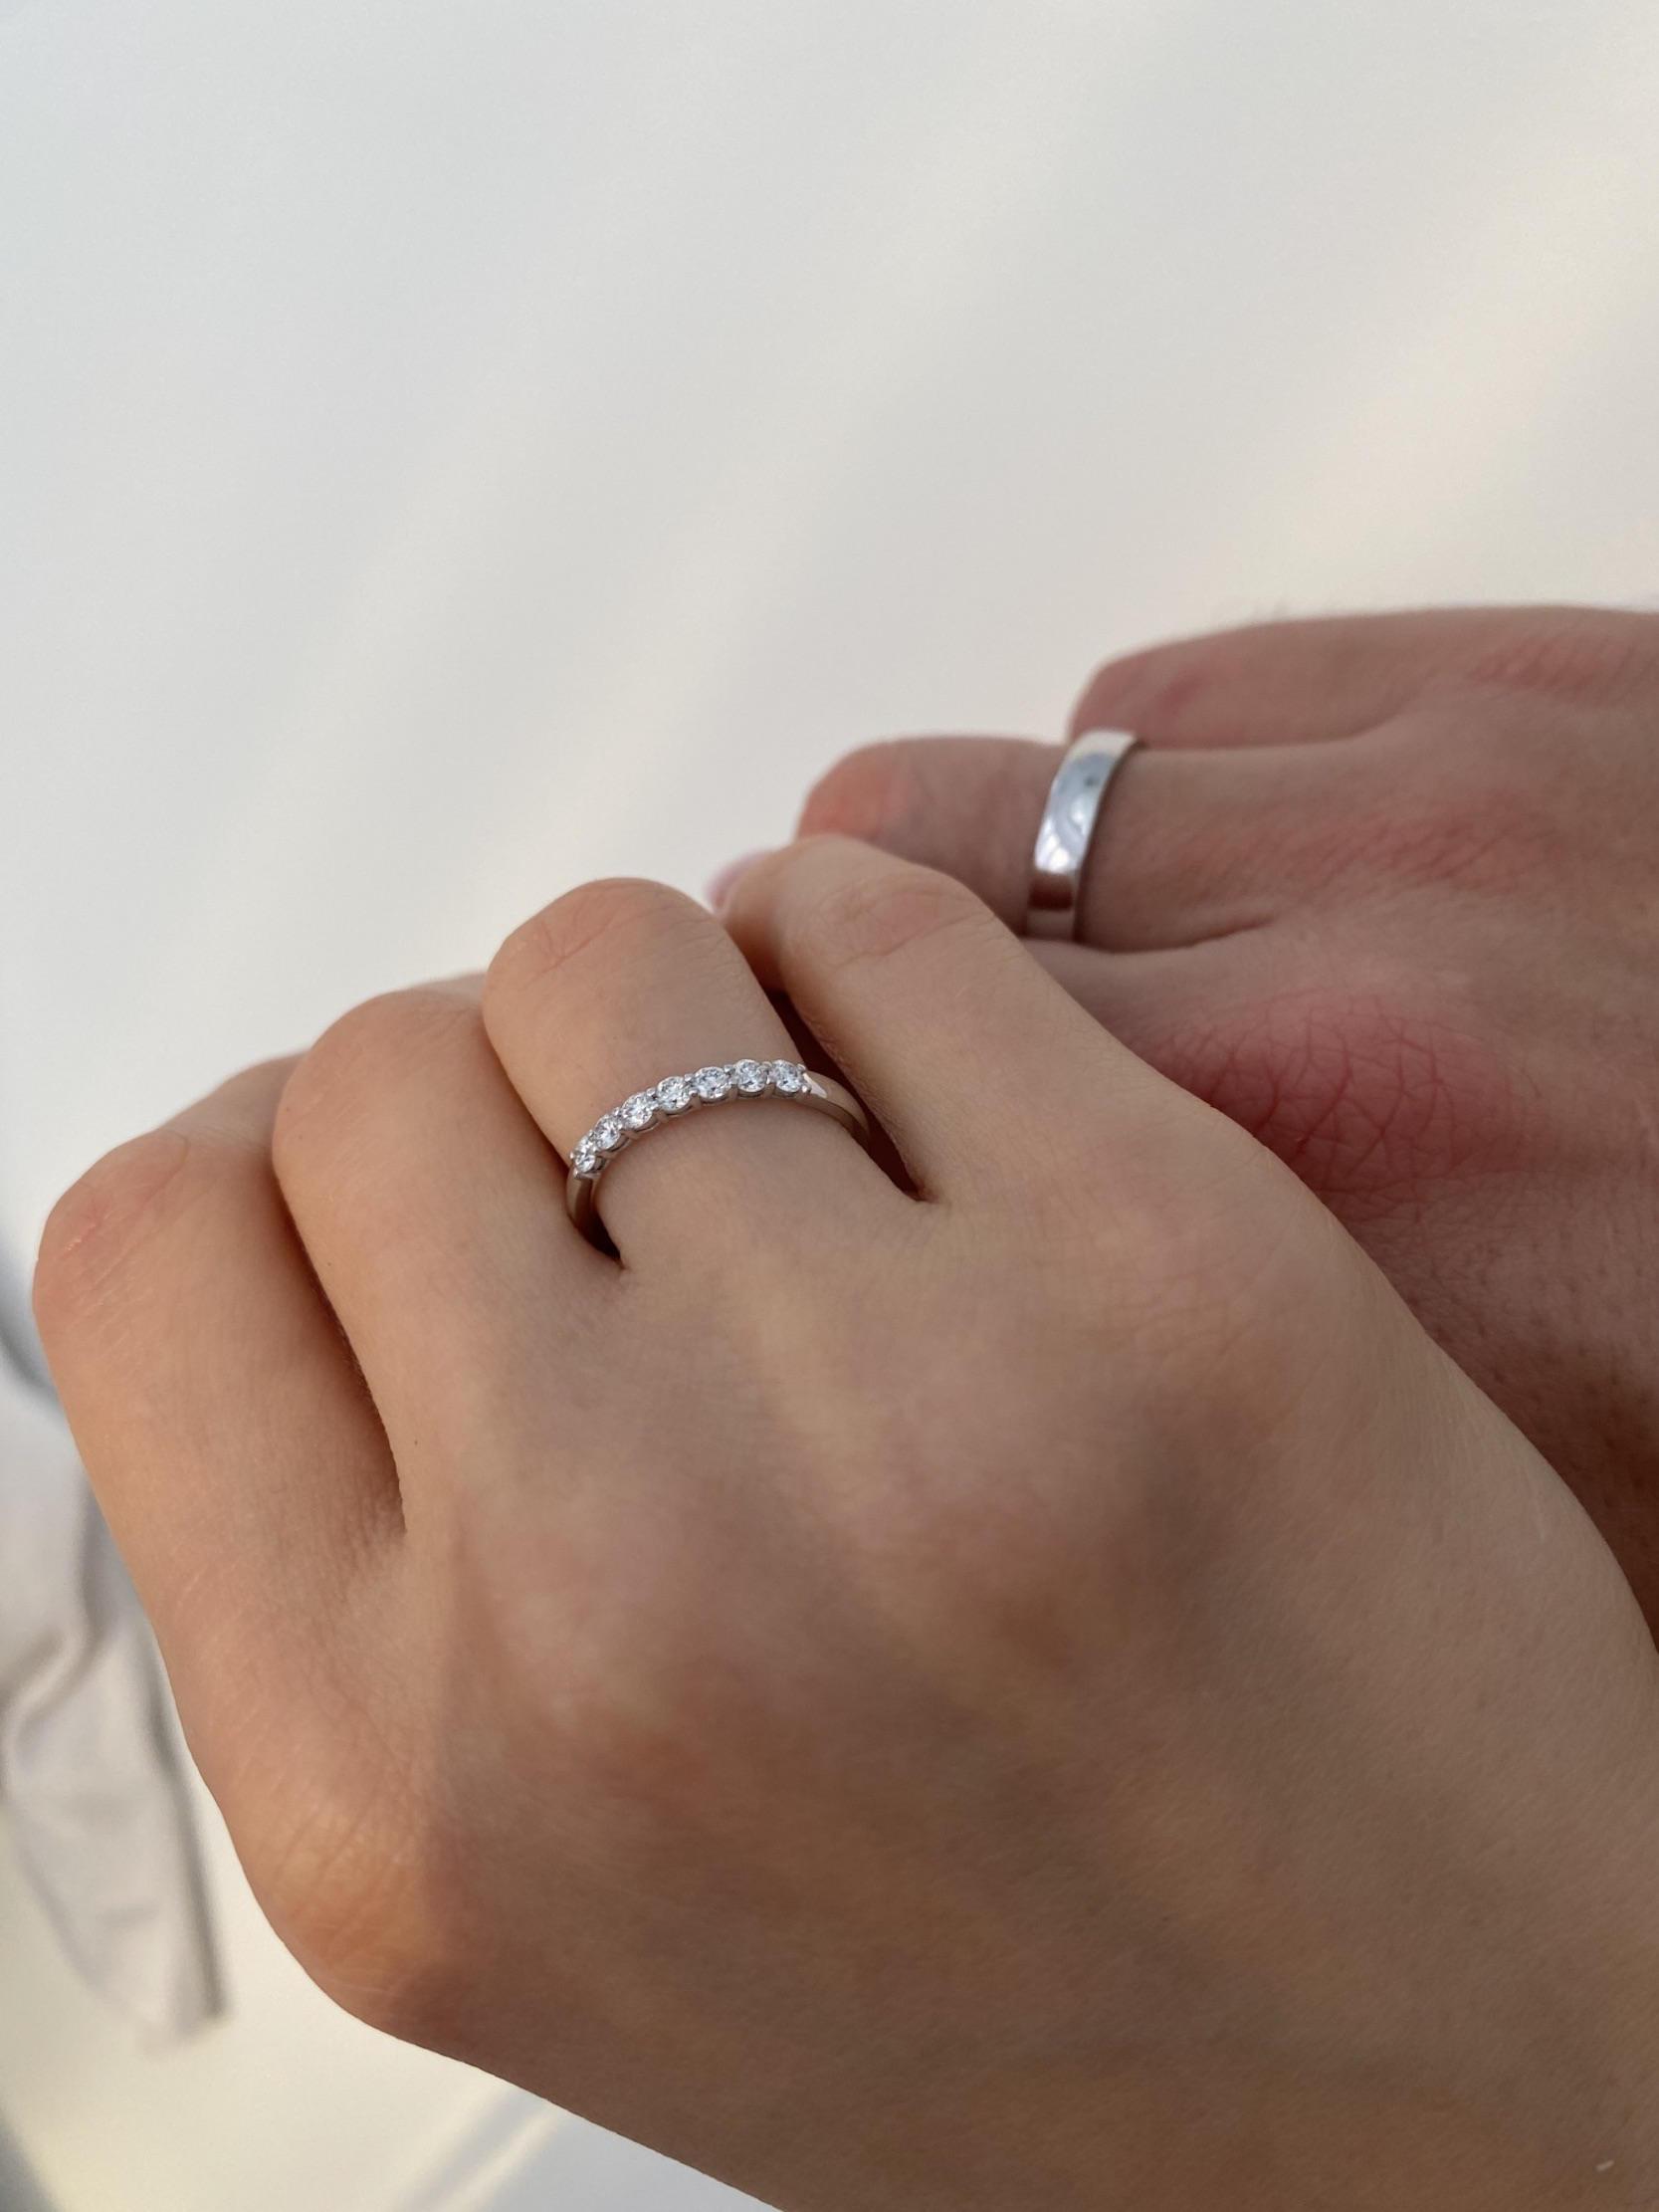 NV6 Парные обручальные кольца из белого золота с бриллиантами